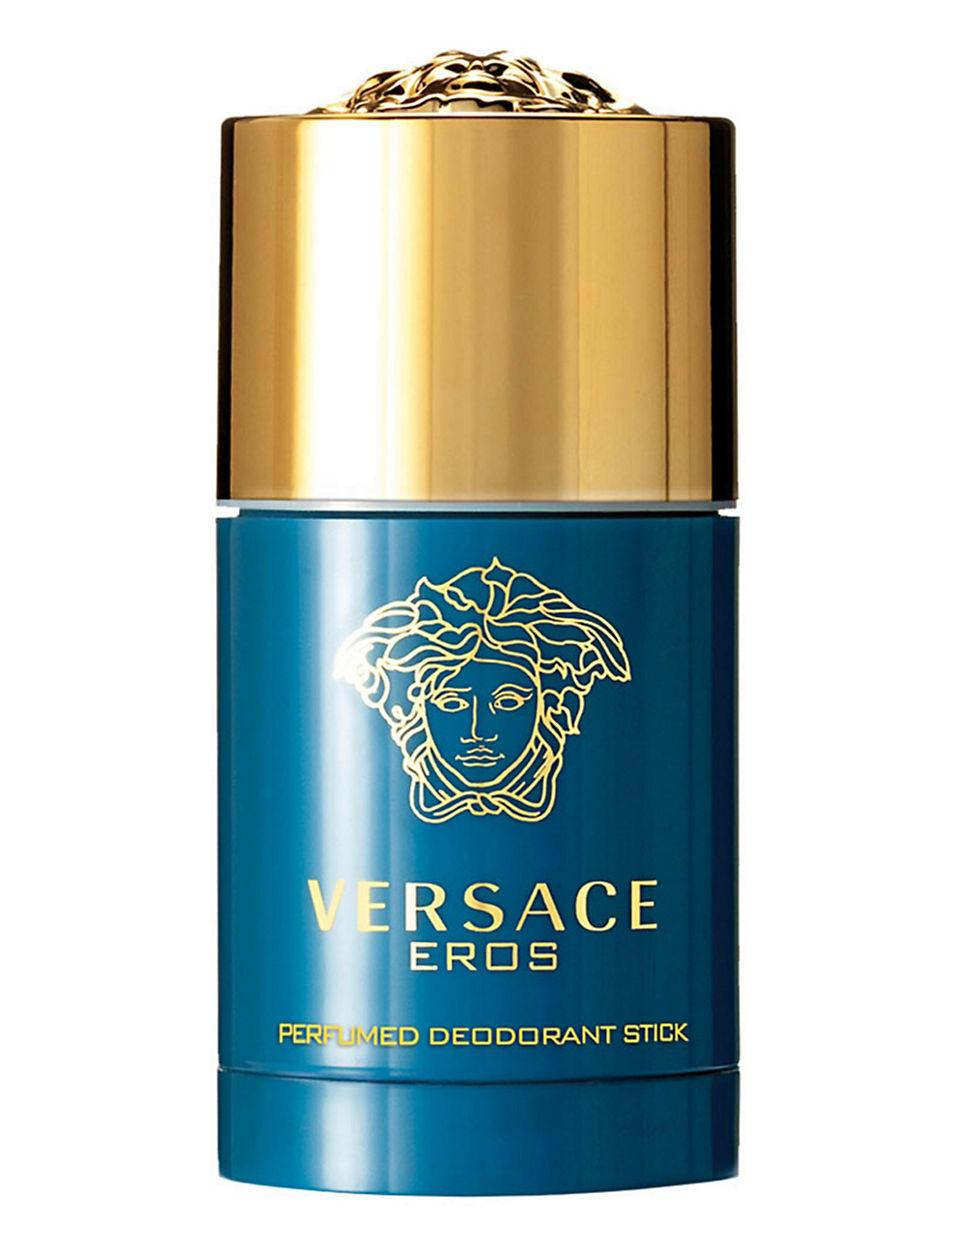 Versace - Eros - Deo stick 75 g